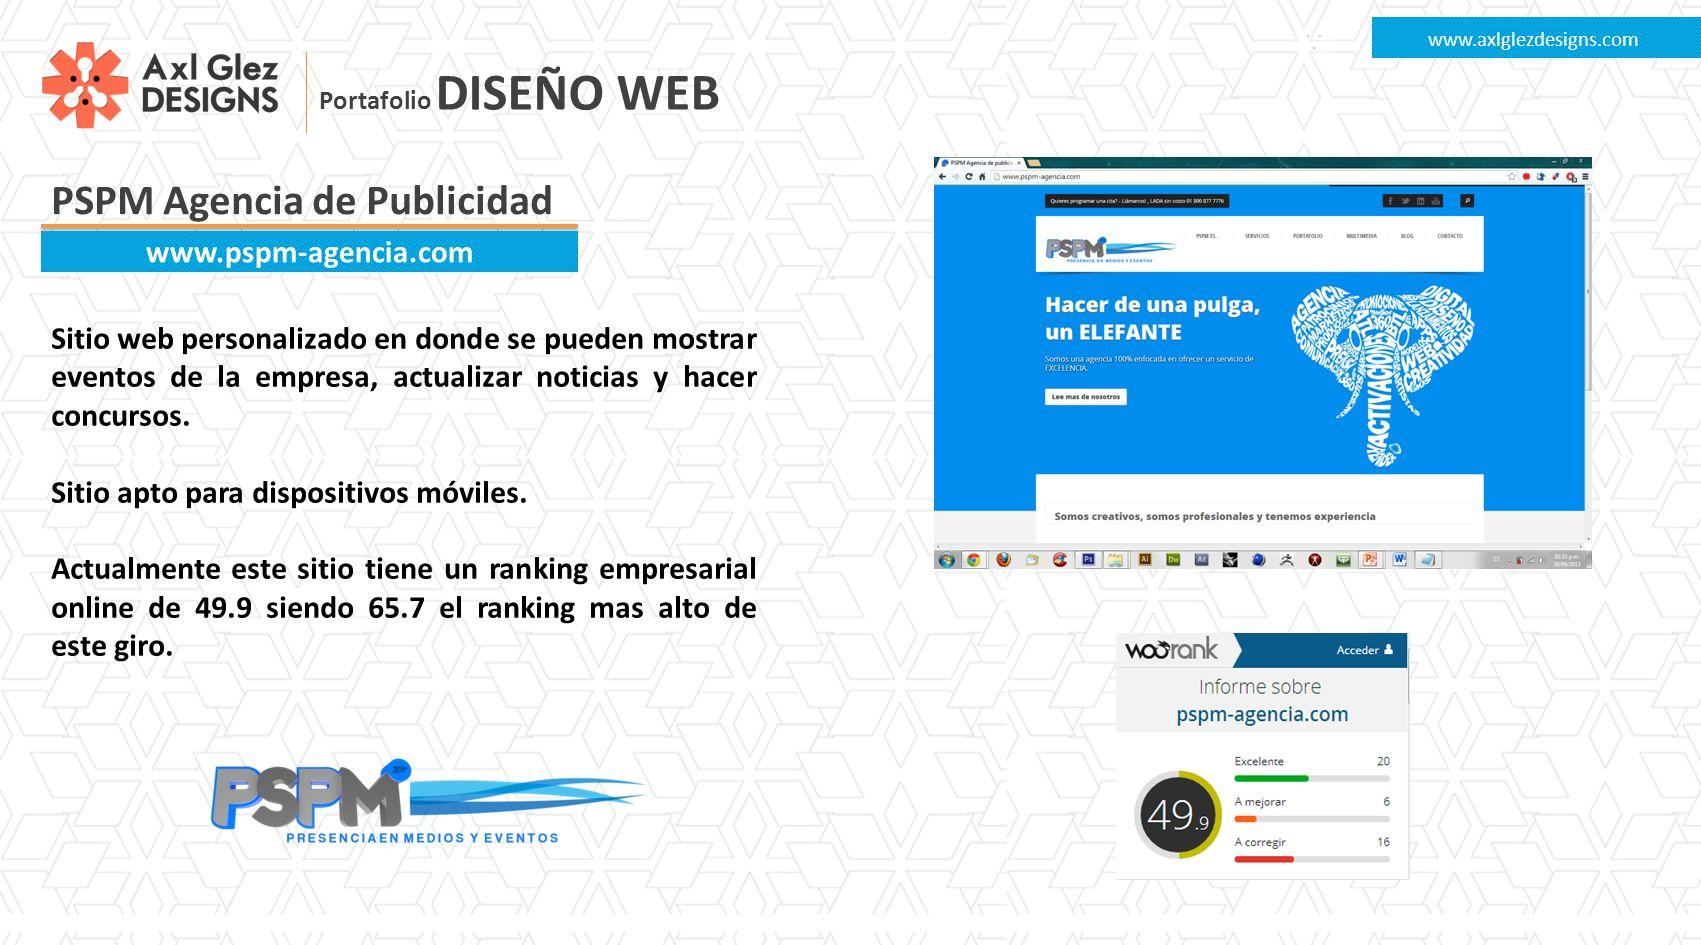 PSPM Agencia de Publicidad